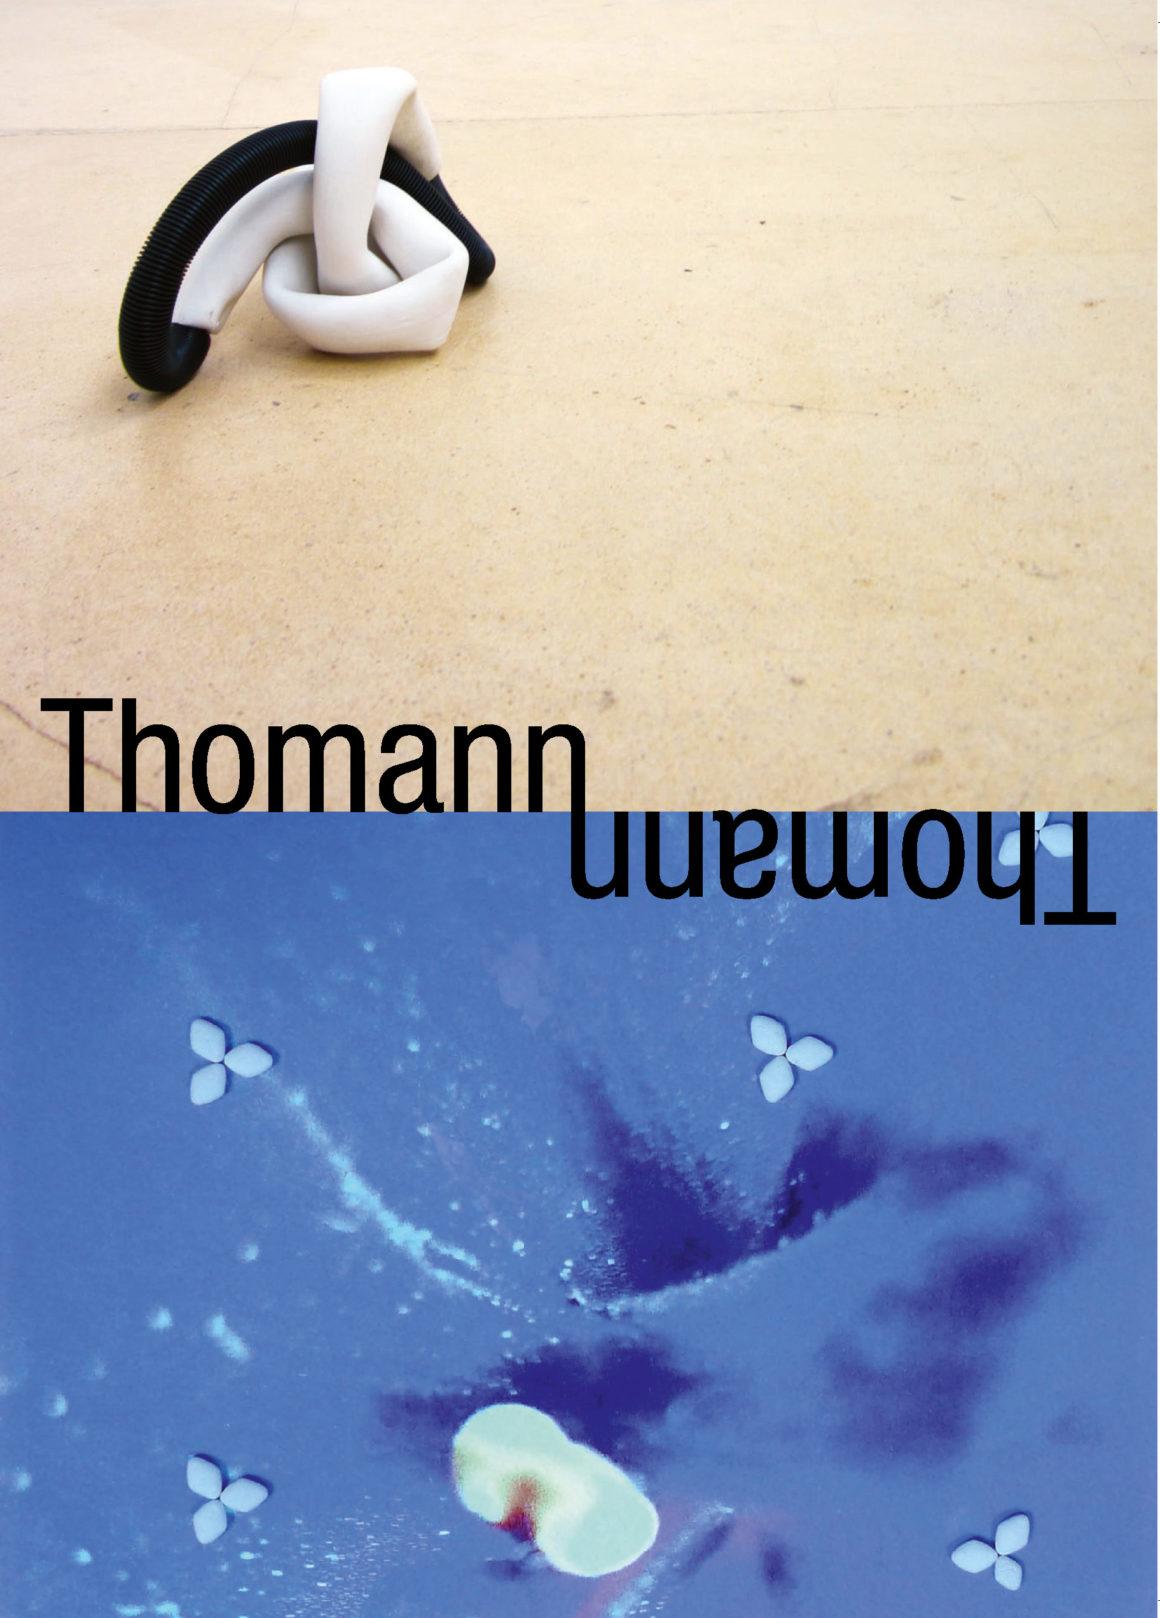 2xTHOMANN